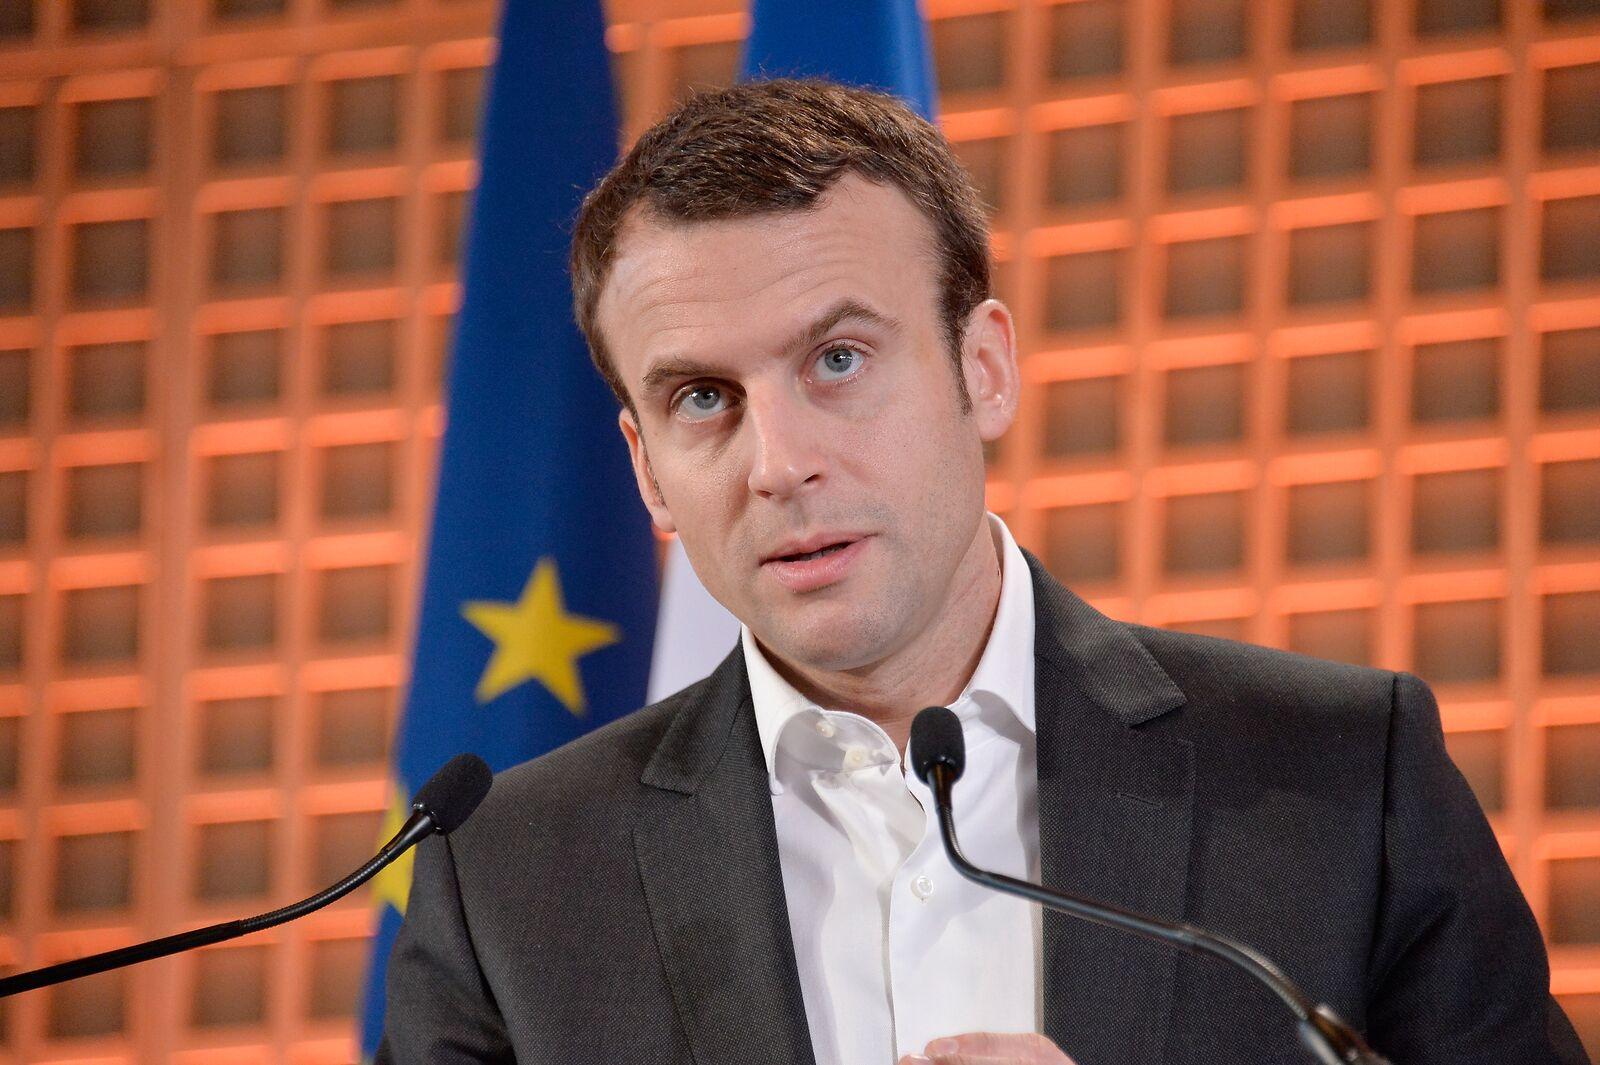 Le président de la république Française   Photo : GettyImage